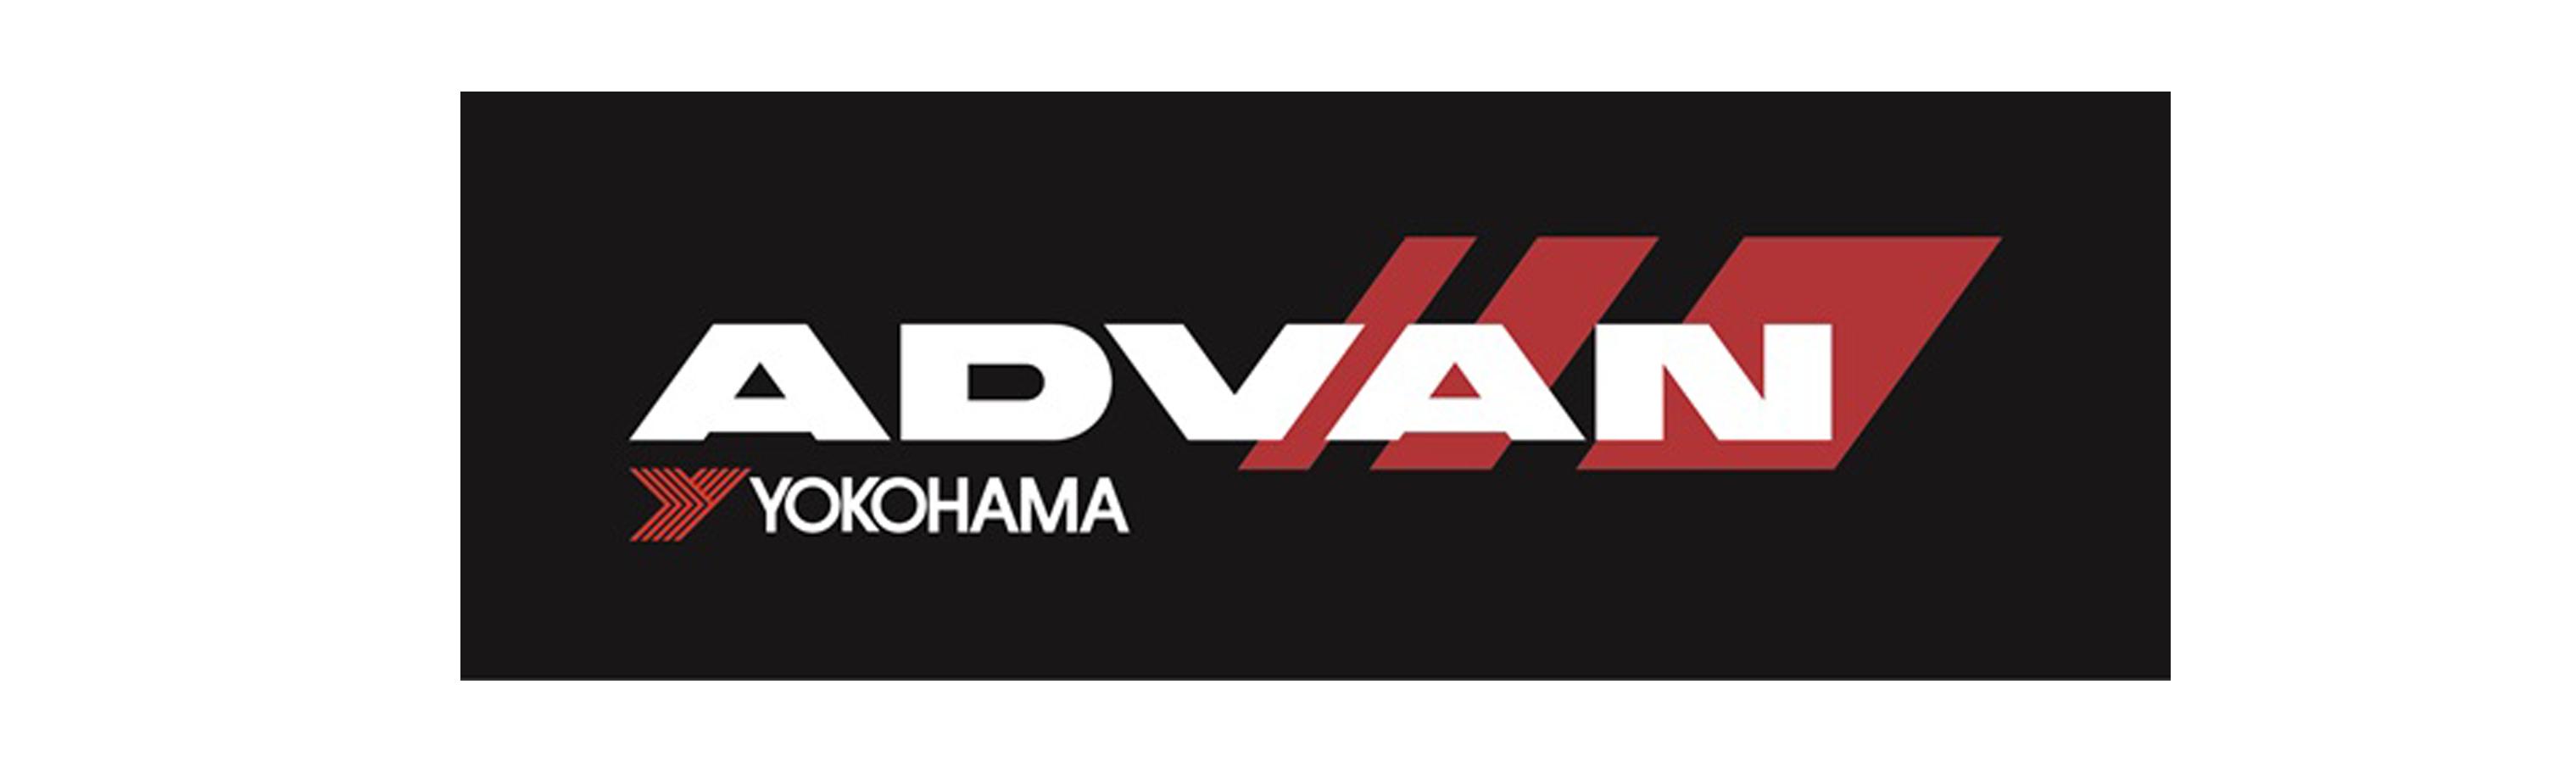 logo advan yokohama